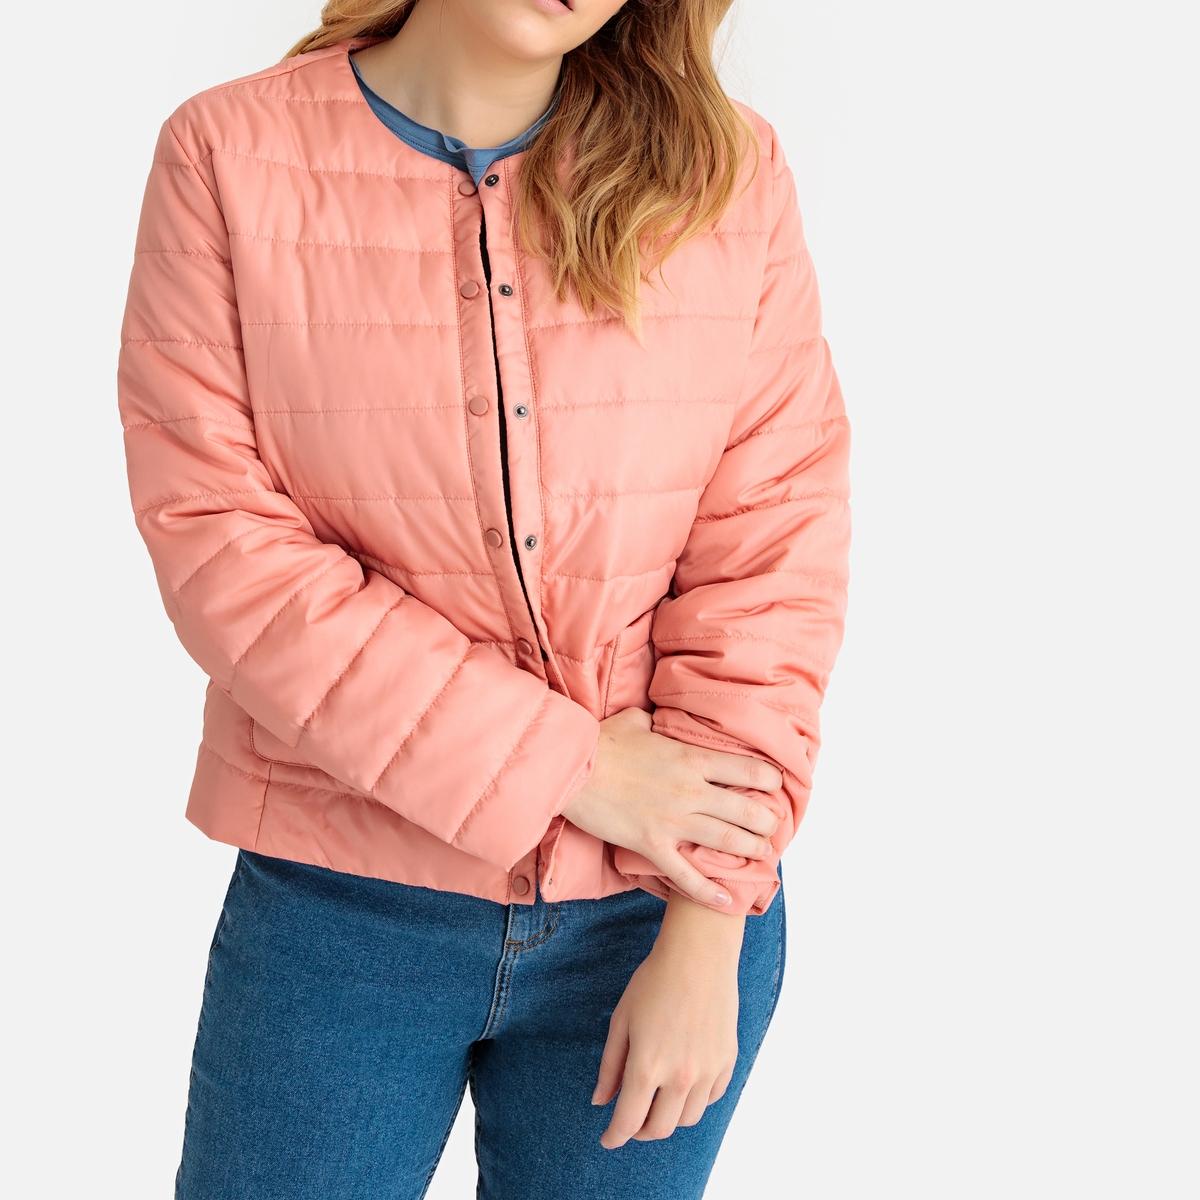 Куртка La Redoute Легкая с застежкой на кнопки 54 (FR) - 60 (RUS) розовый полуприлегающая куртка с застежкой на кнопки escada полуприлегающая куртка с застежкой на кнопки